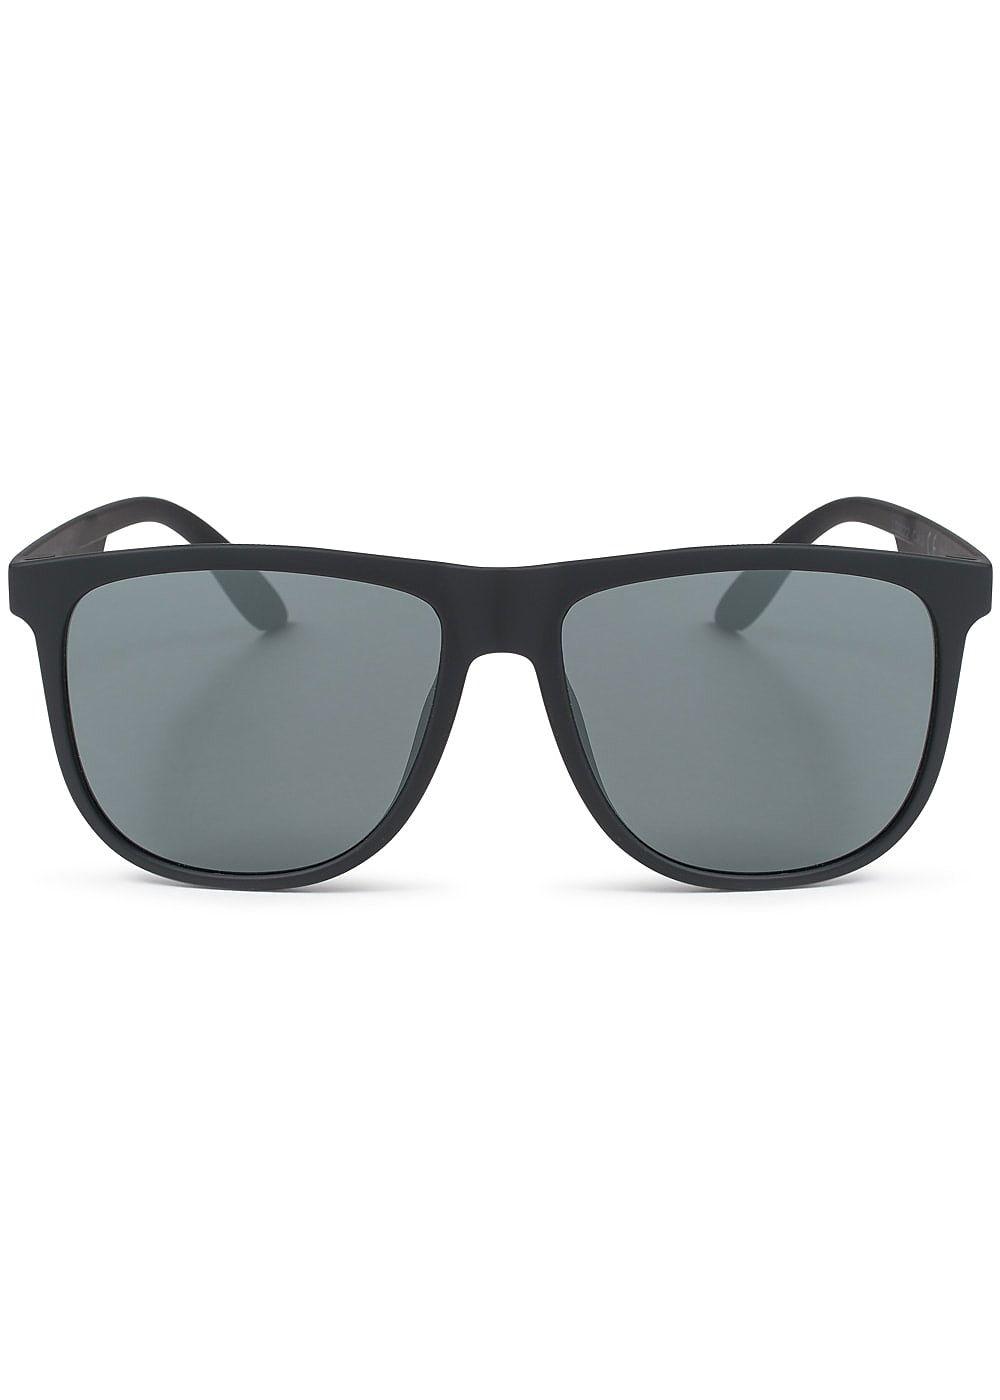 seventyseven lifestyle damen sonnenbrille uv schutz 400 schwarz 77onlineshop. Black Bedroom Furniture Sets. Home Design Ideas